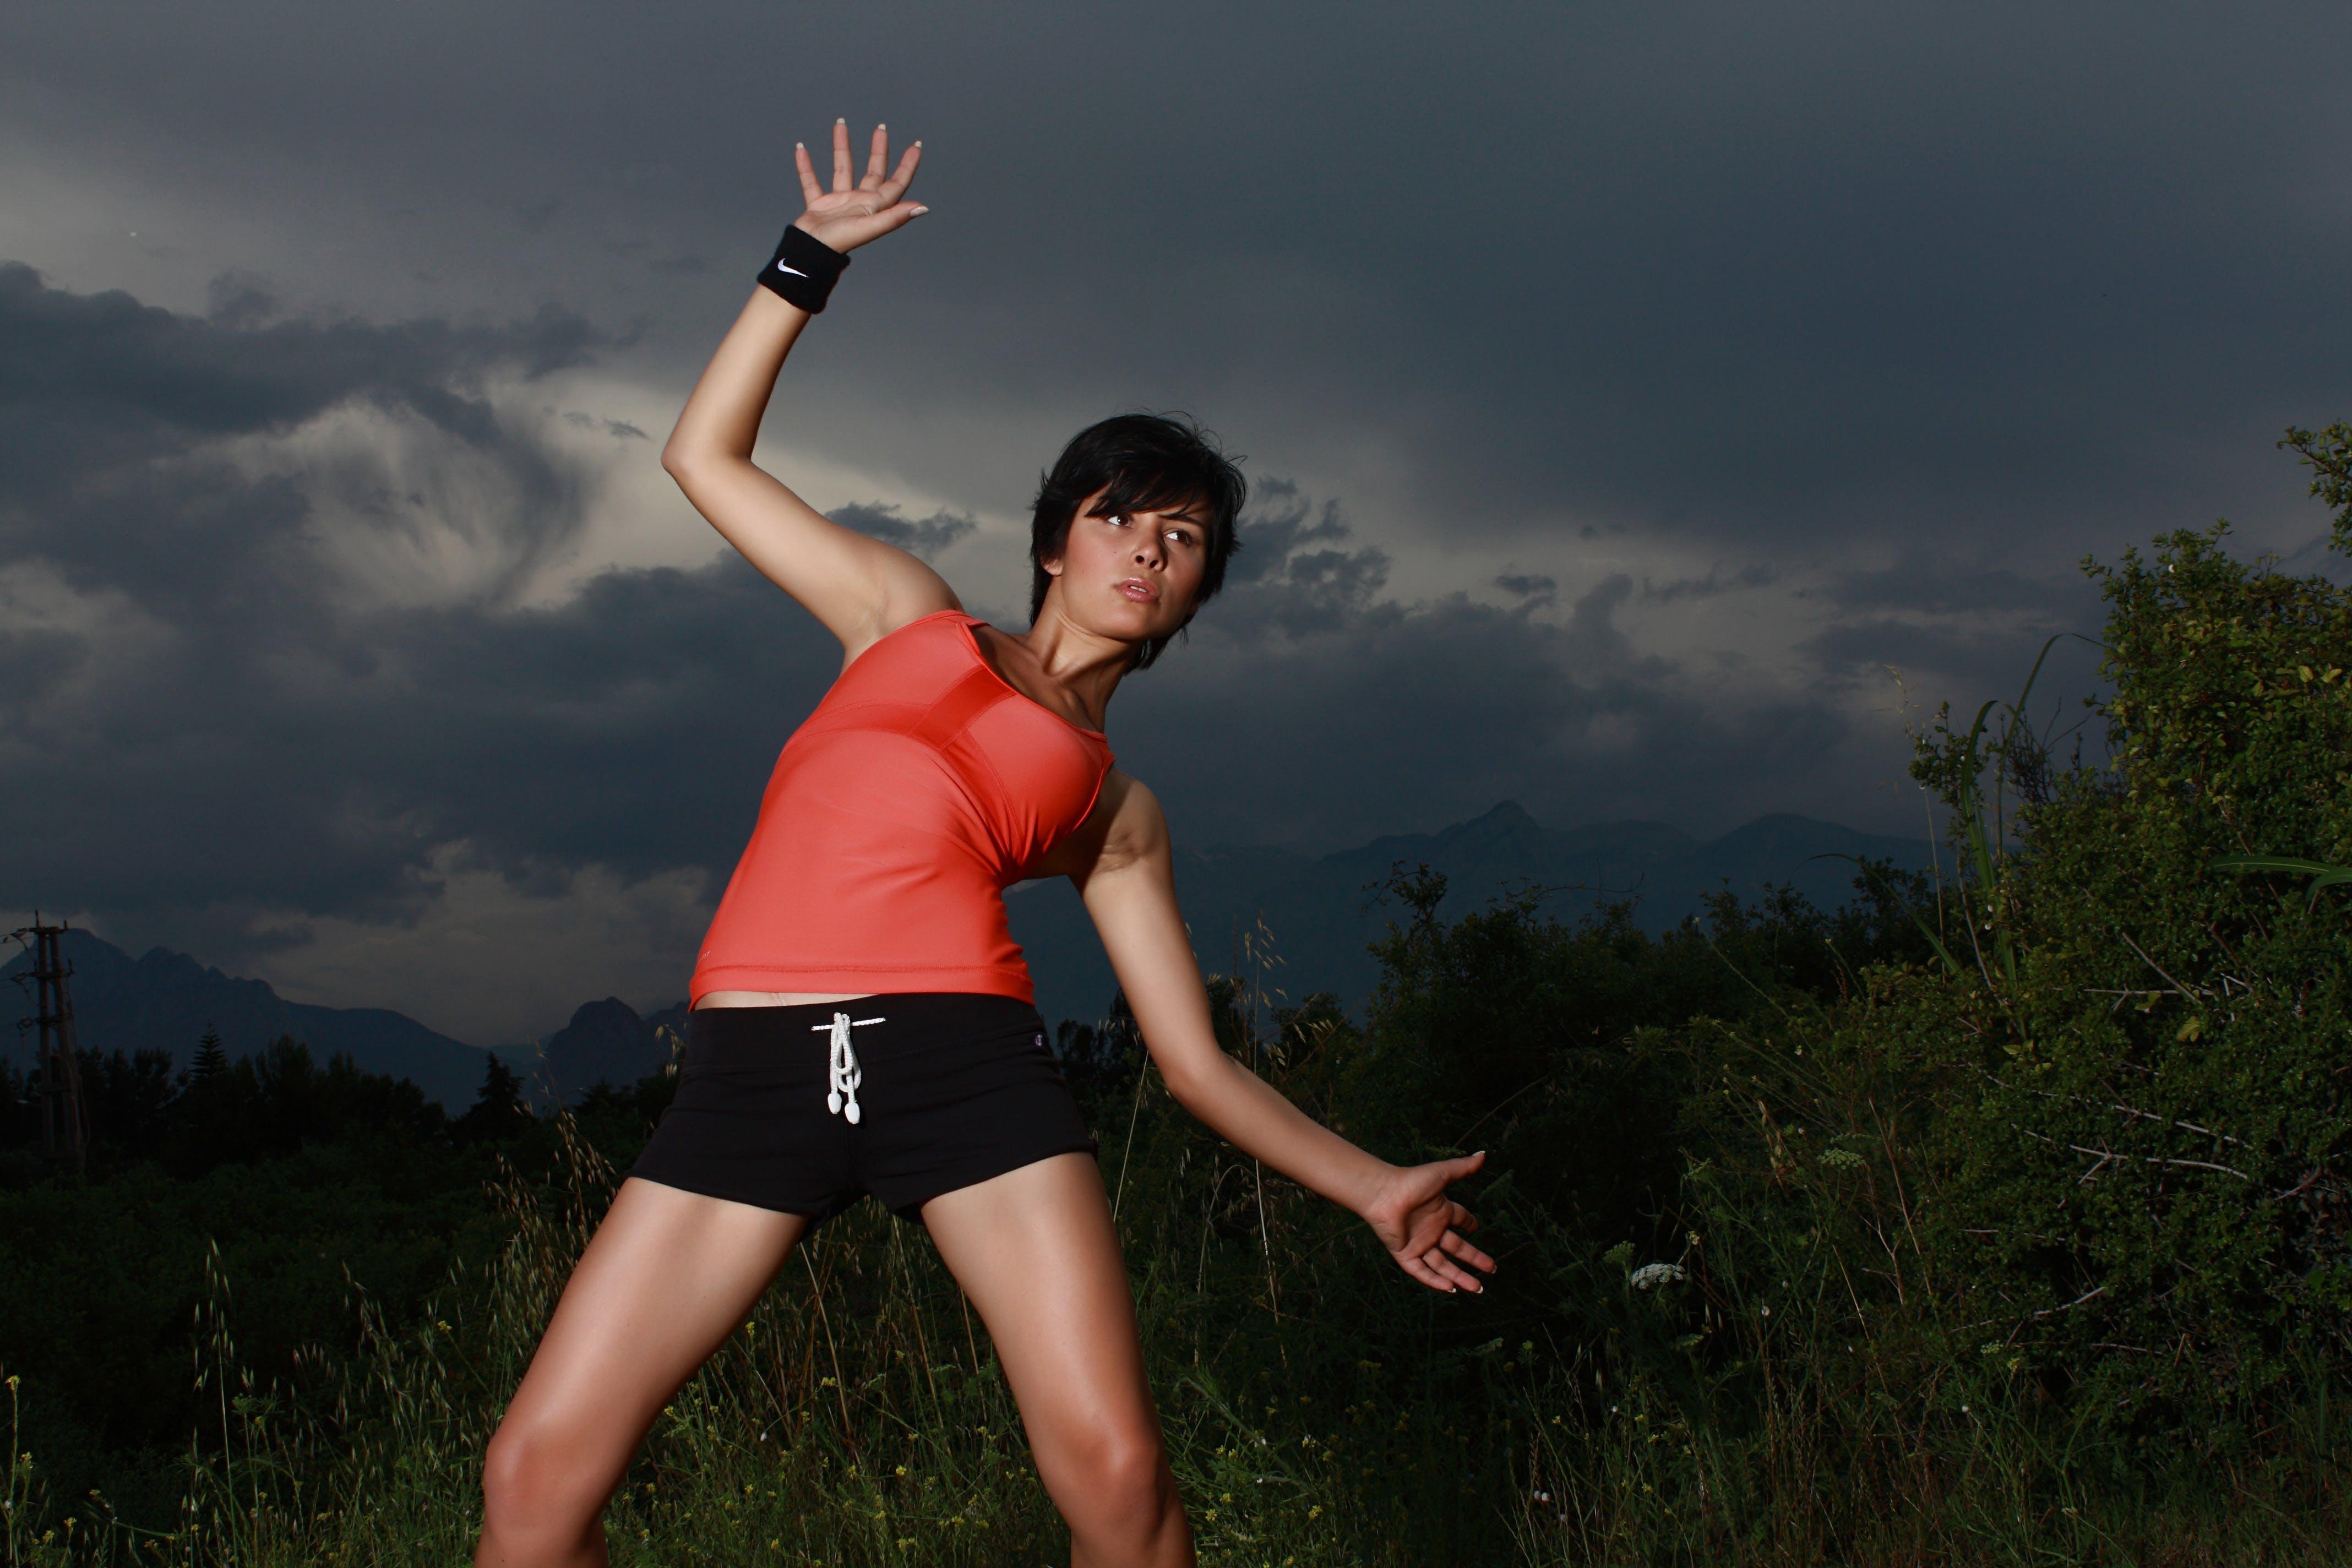 Woman Rise Hand Beside Grass Field